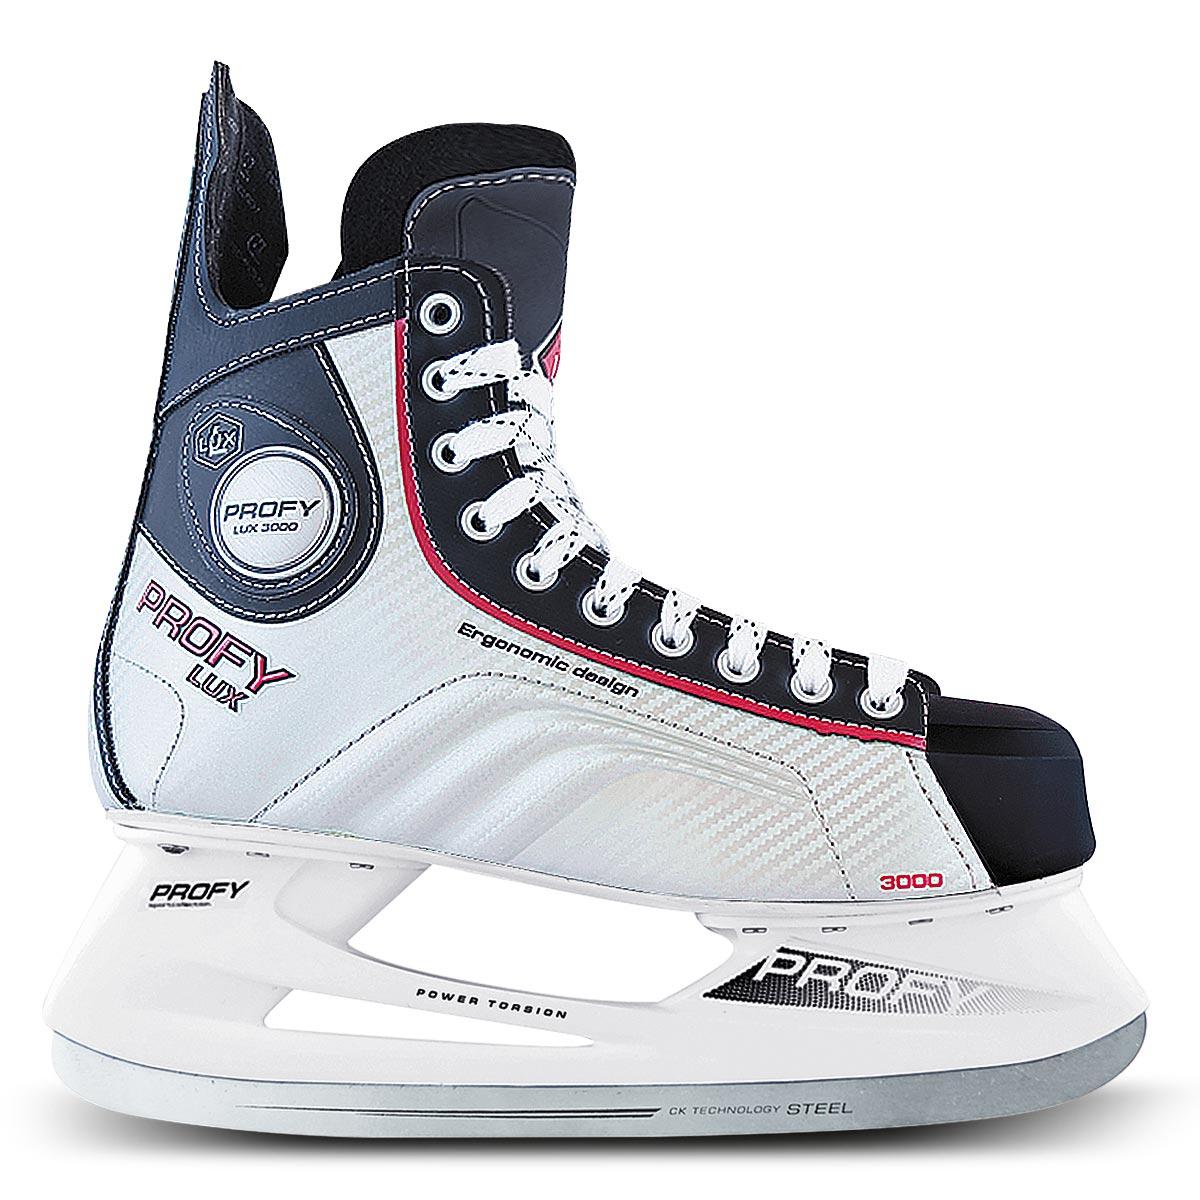 Коньки хоккейные для мальчика СК Profy Lux 3000, цвет: черный, серебряный, красный. Размер 35